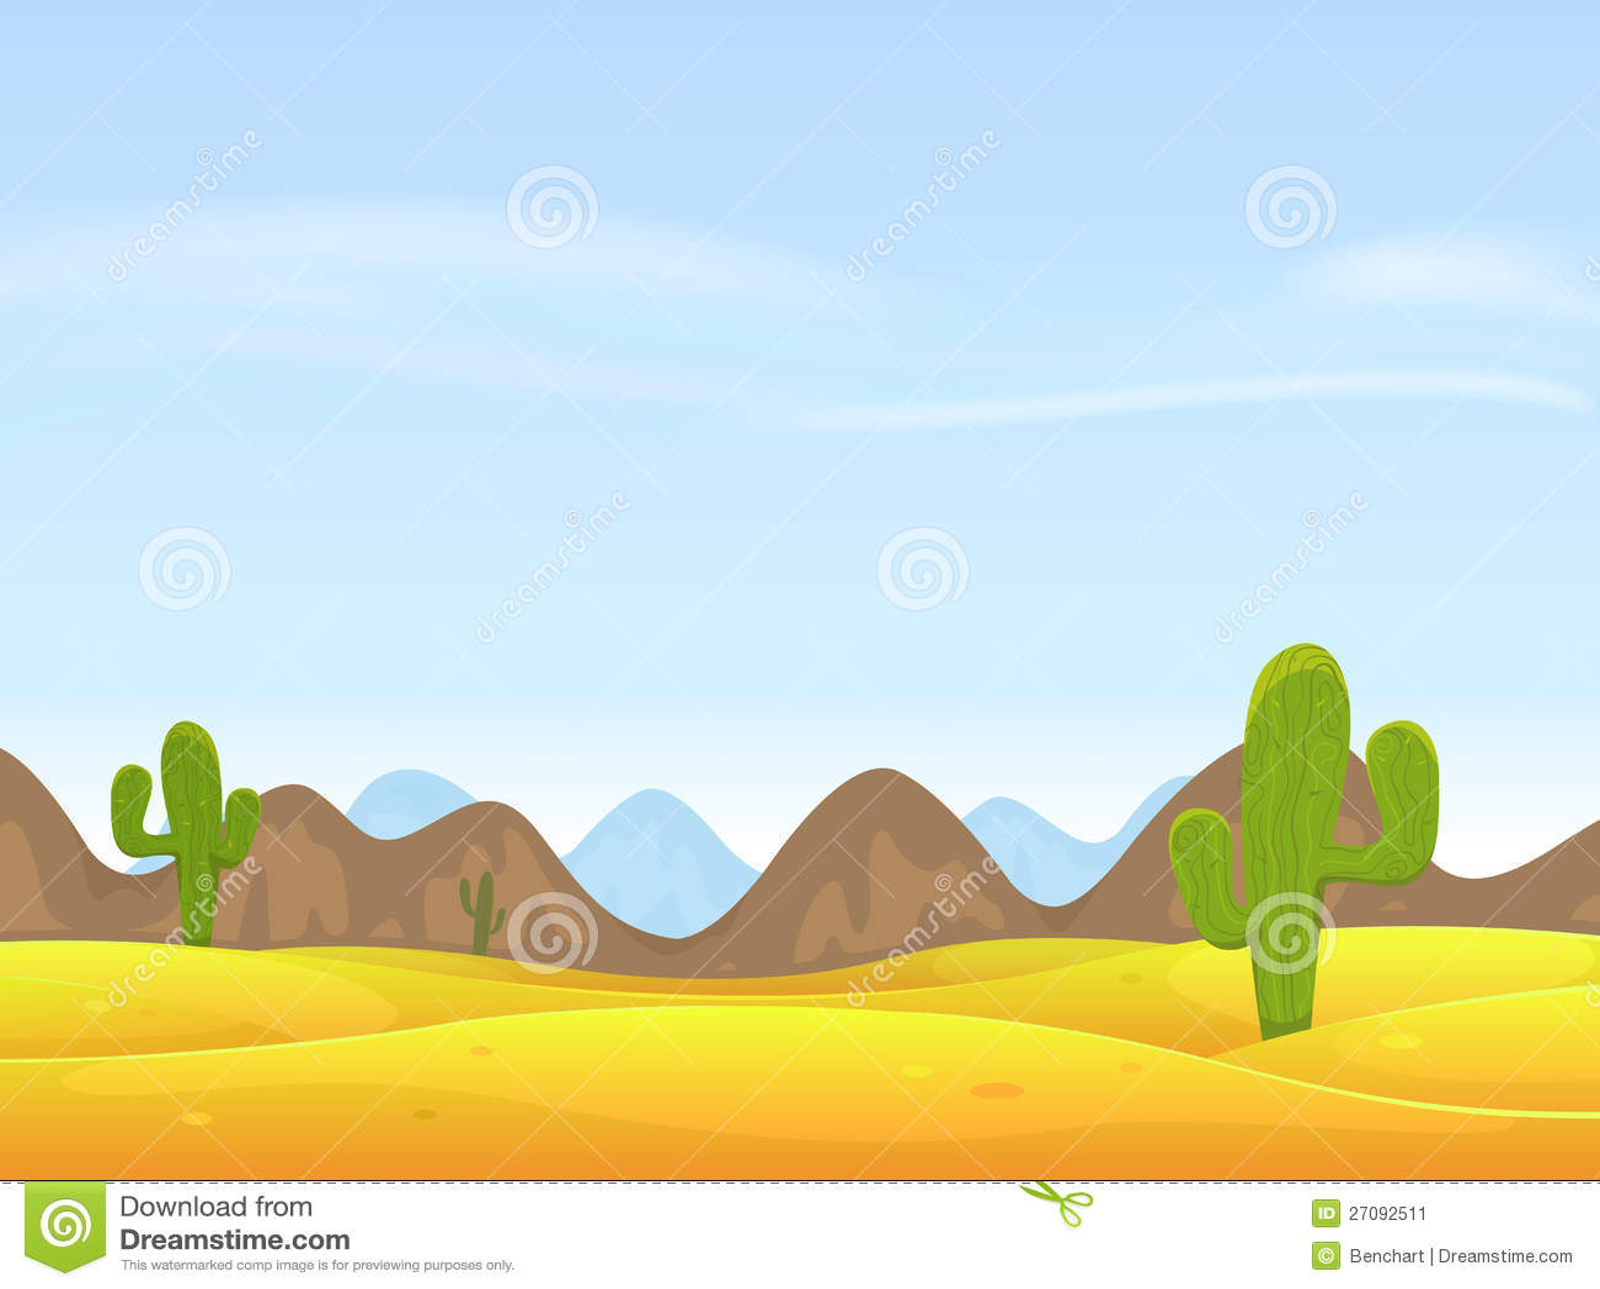 Desert Landscape Background Stock Vector Illustration Of Dunes